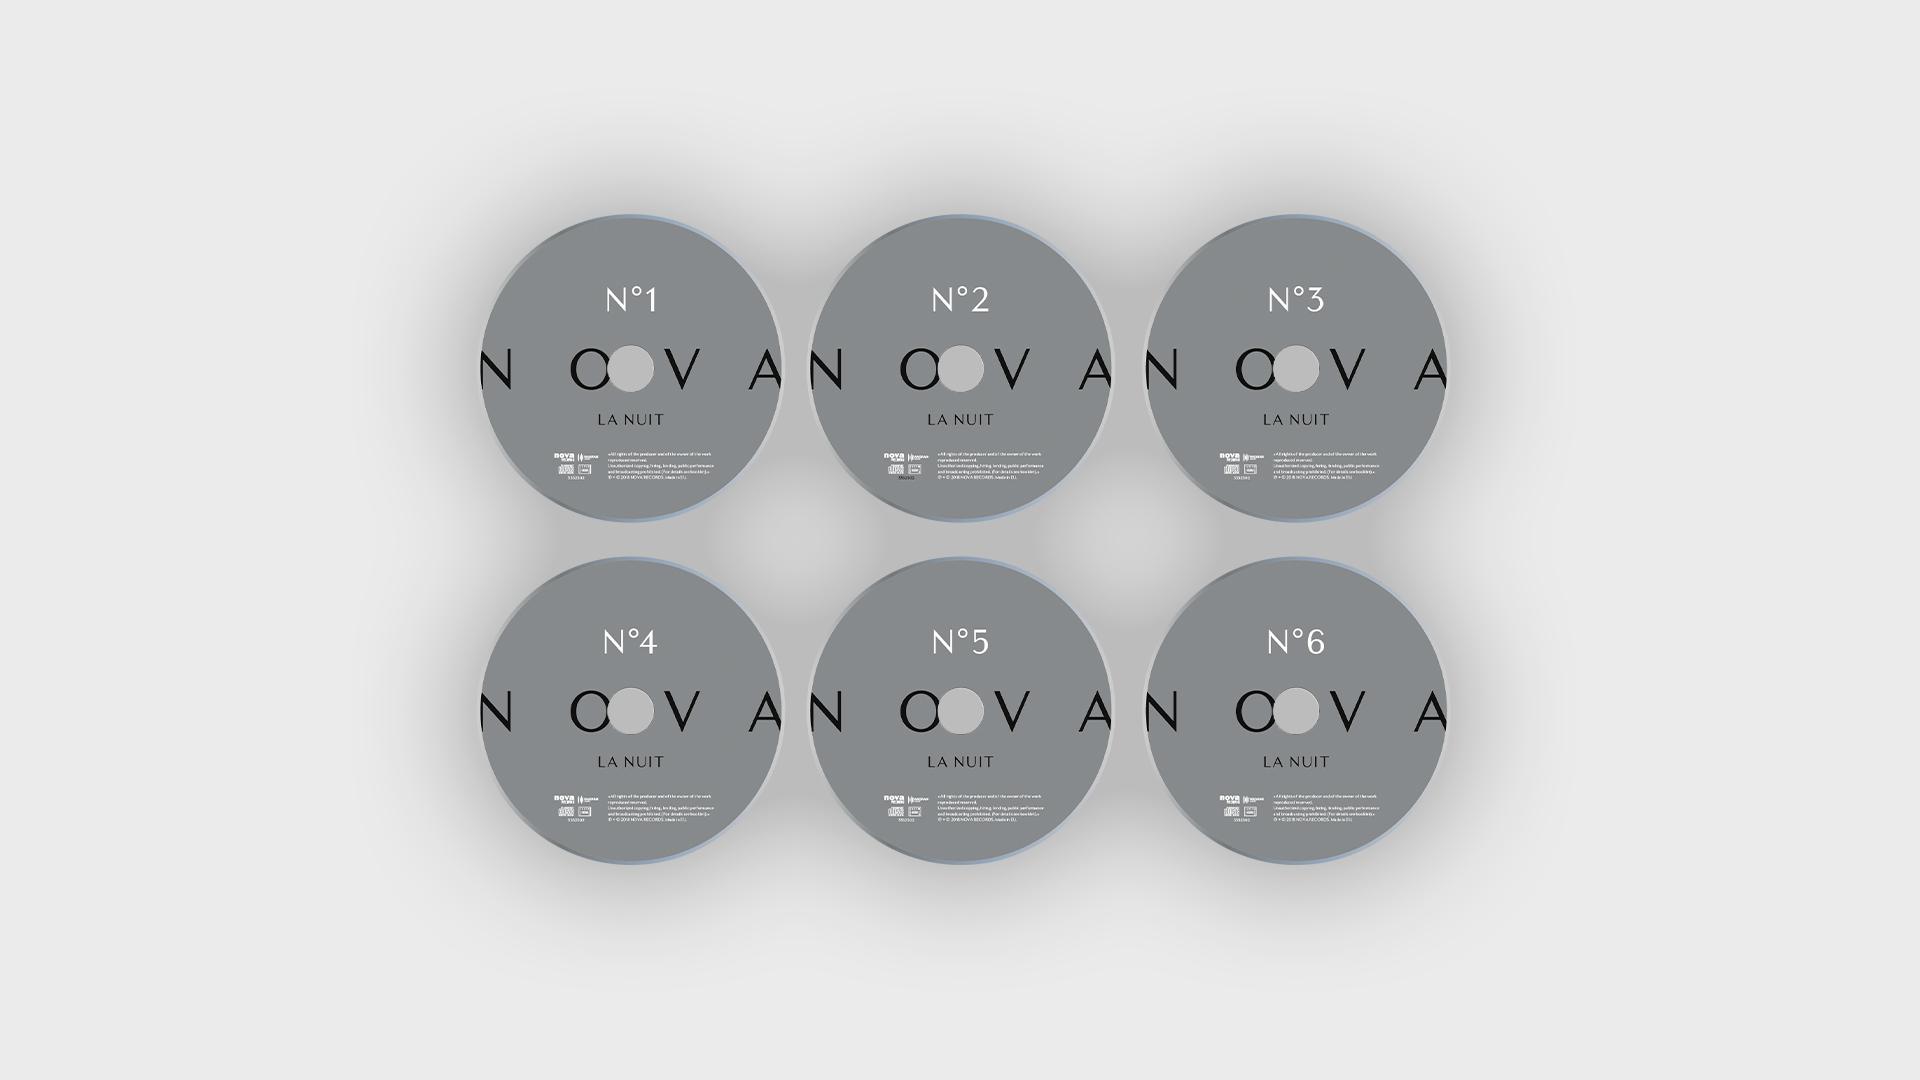 Propositions de coffret Nova la Nuit de 6 cd de la radio Nova